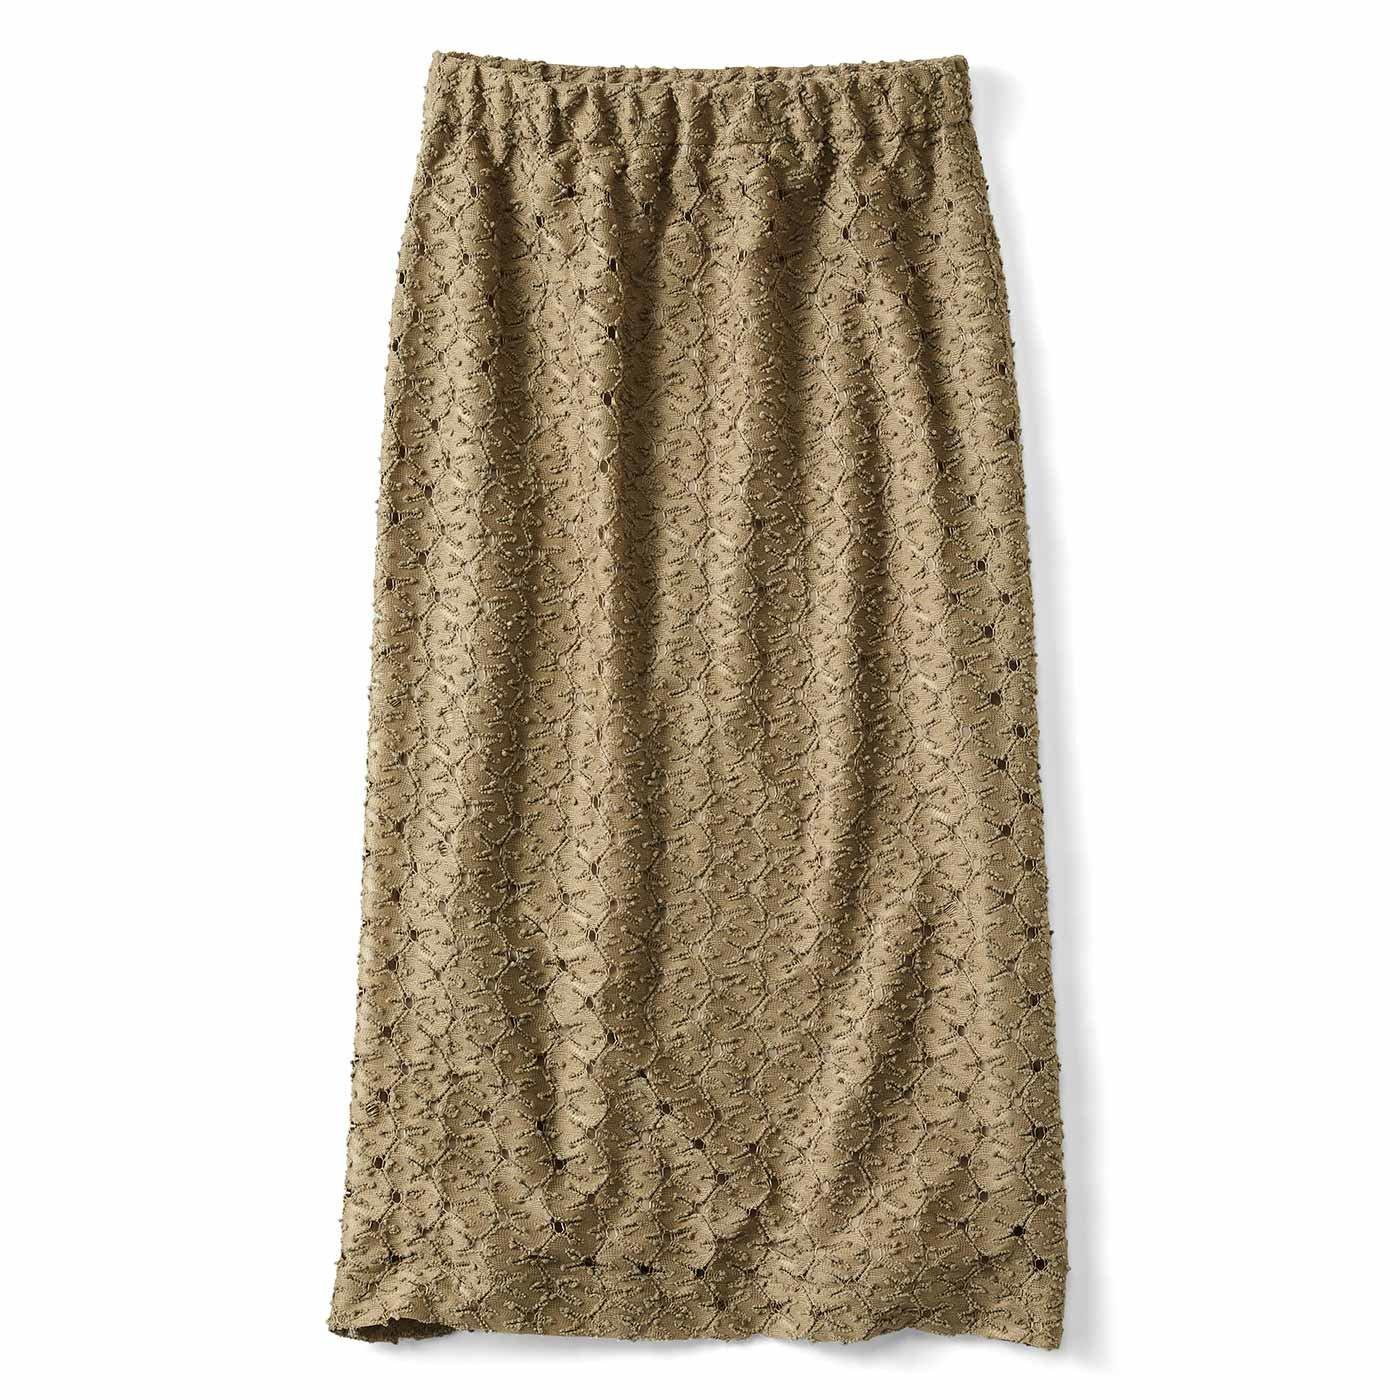 つぶつぶレースのオトナめタイトスカート